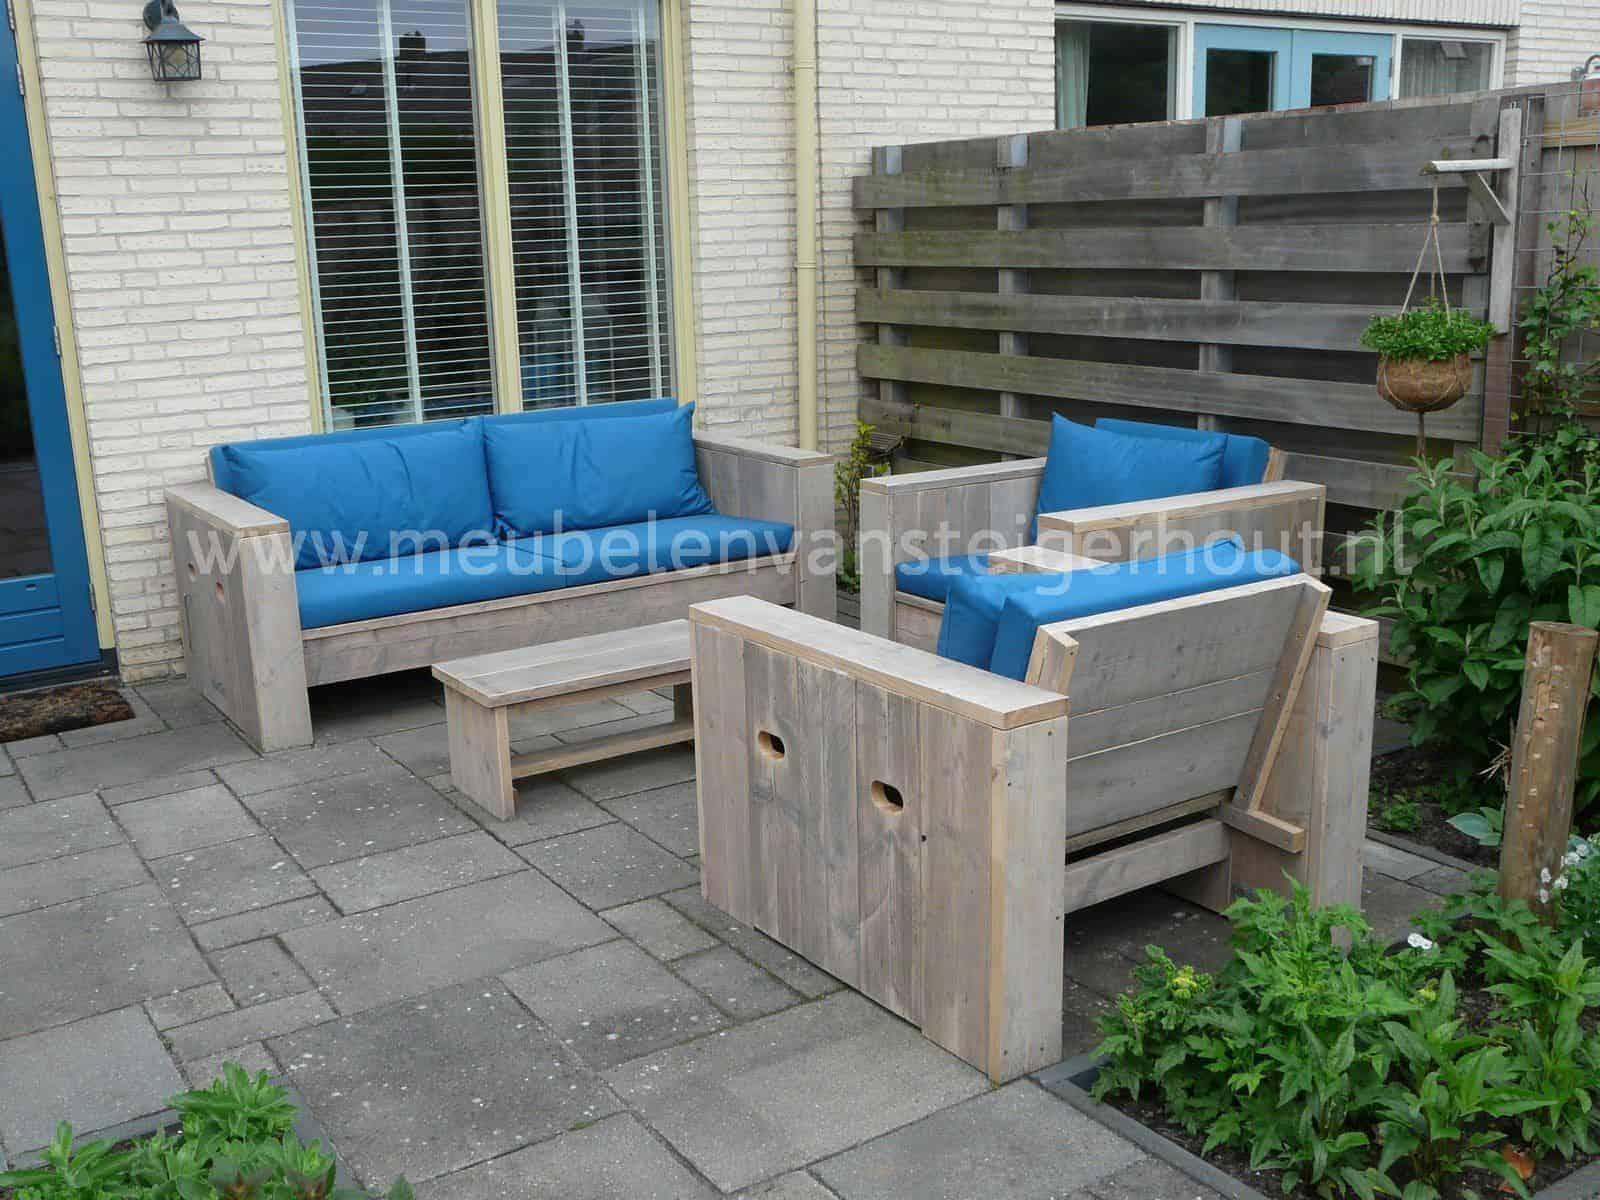 Loungebank steigerhout In the picture